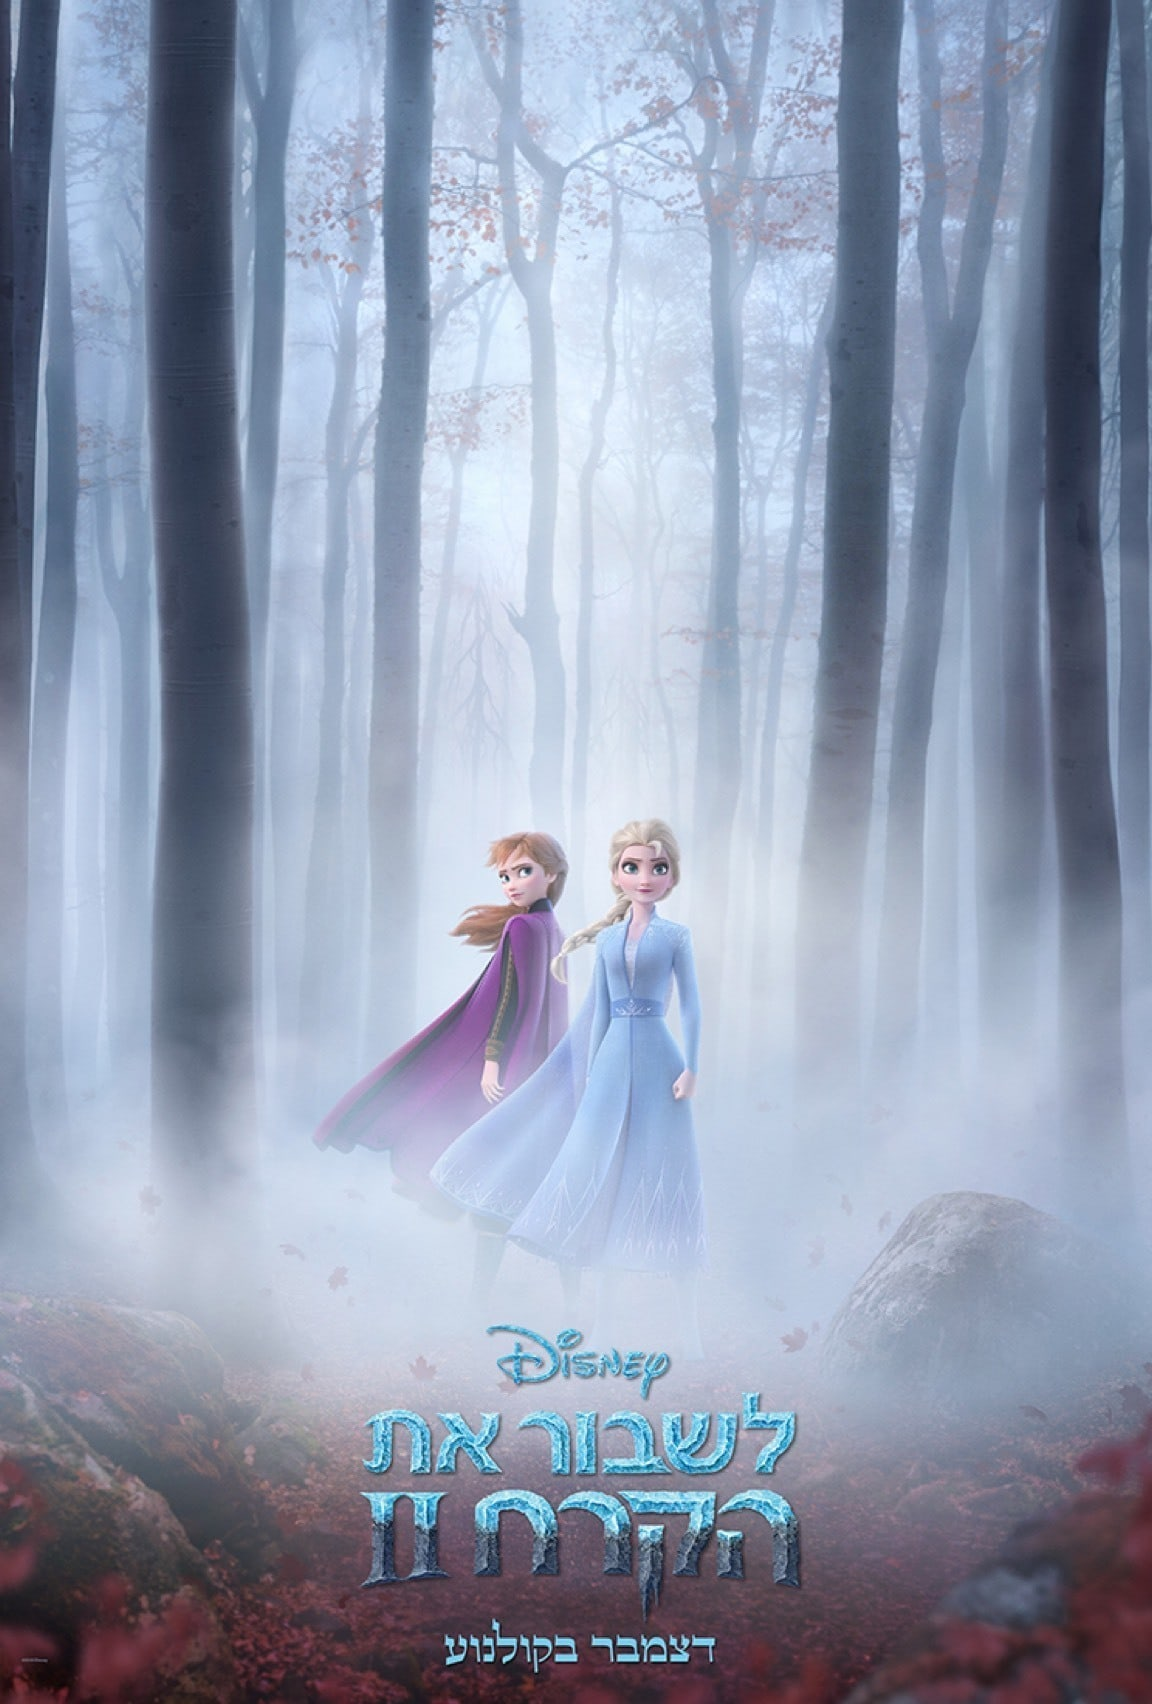 אלזה ואנה עומדות ביער, מוקפות ערפל